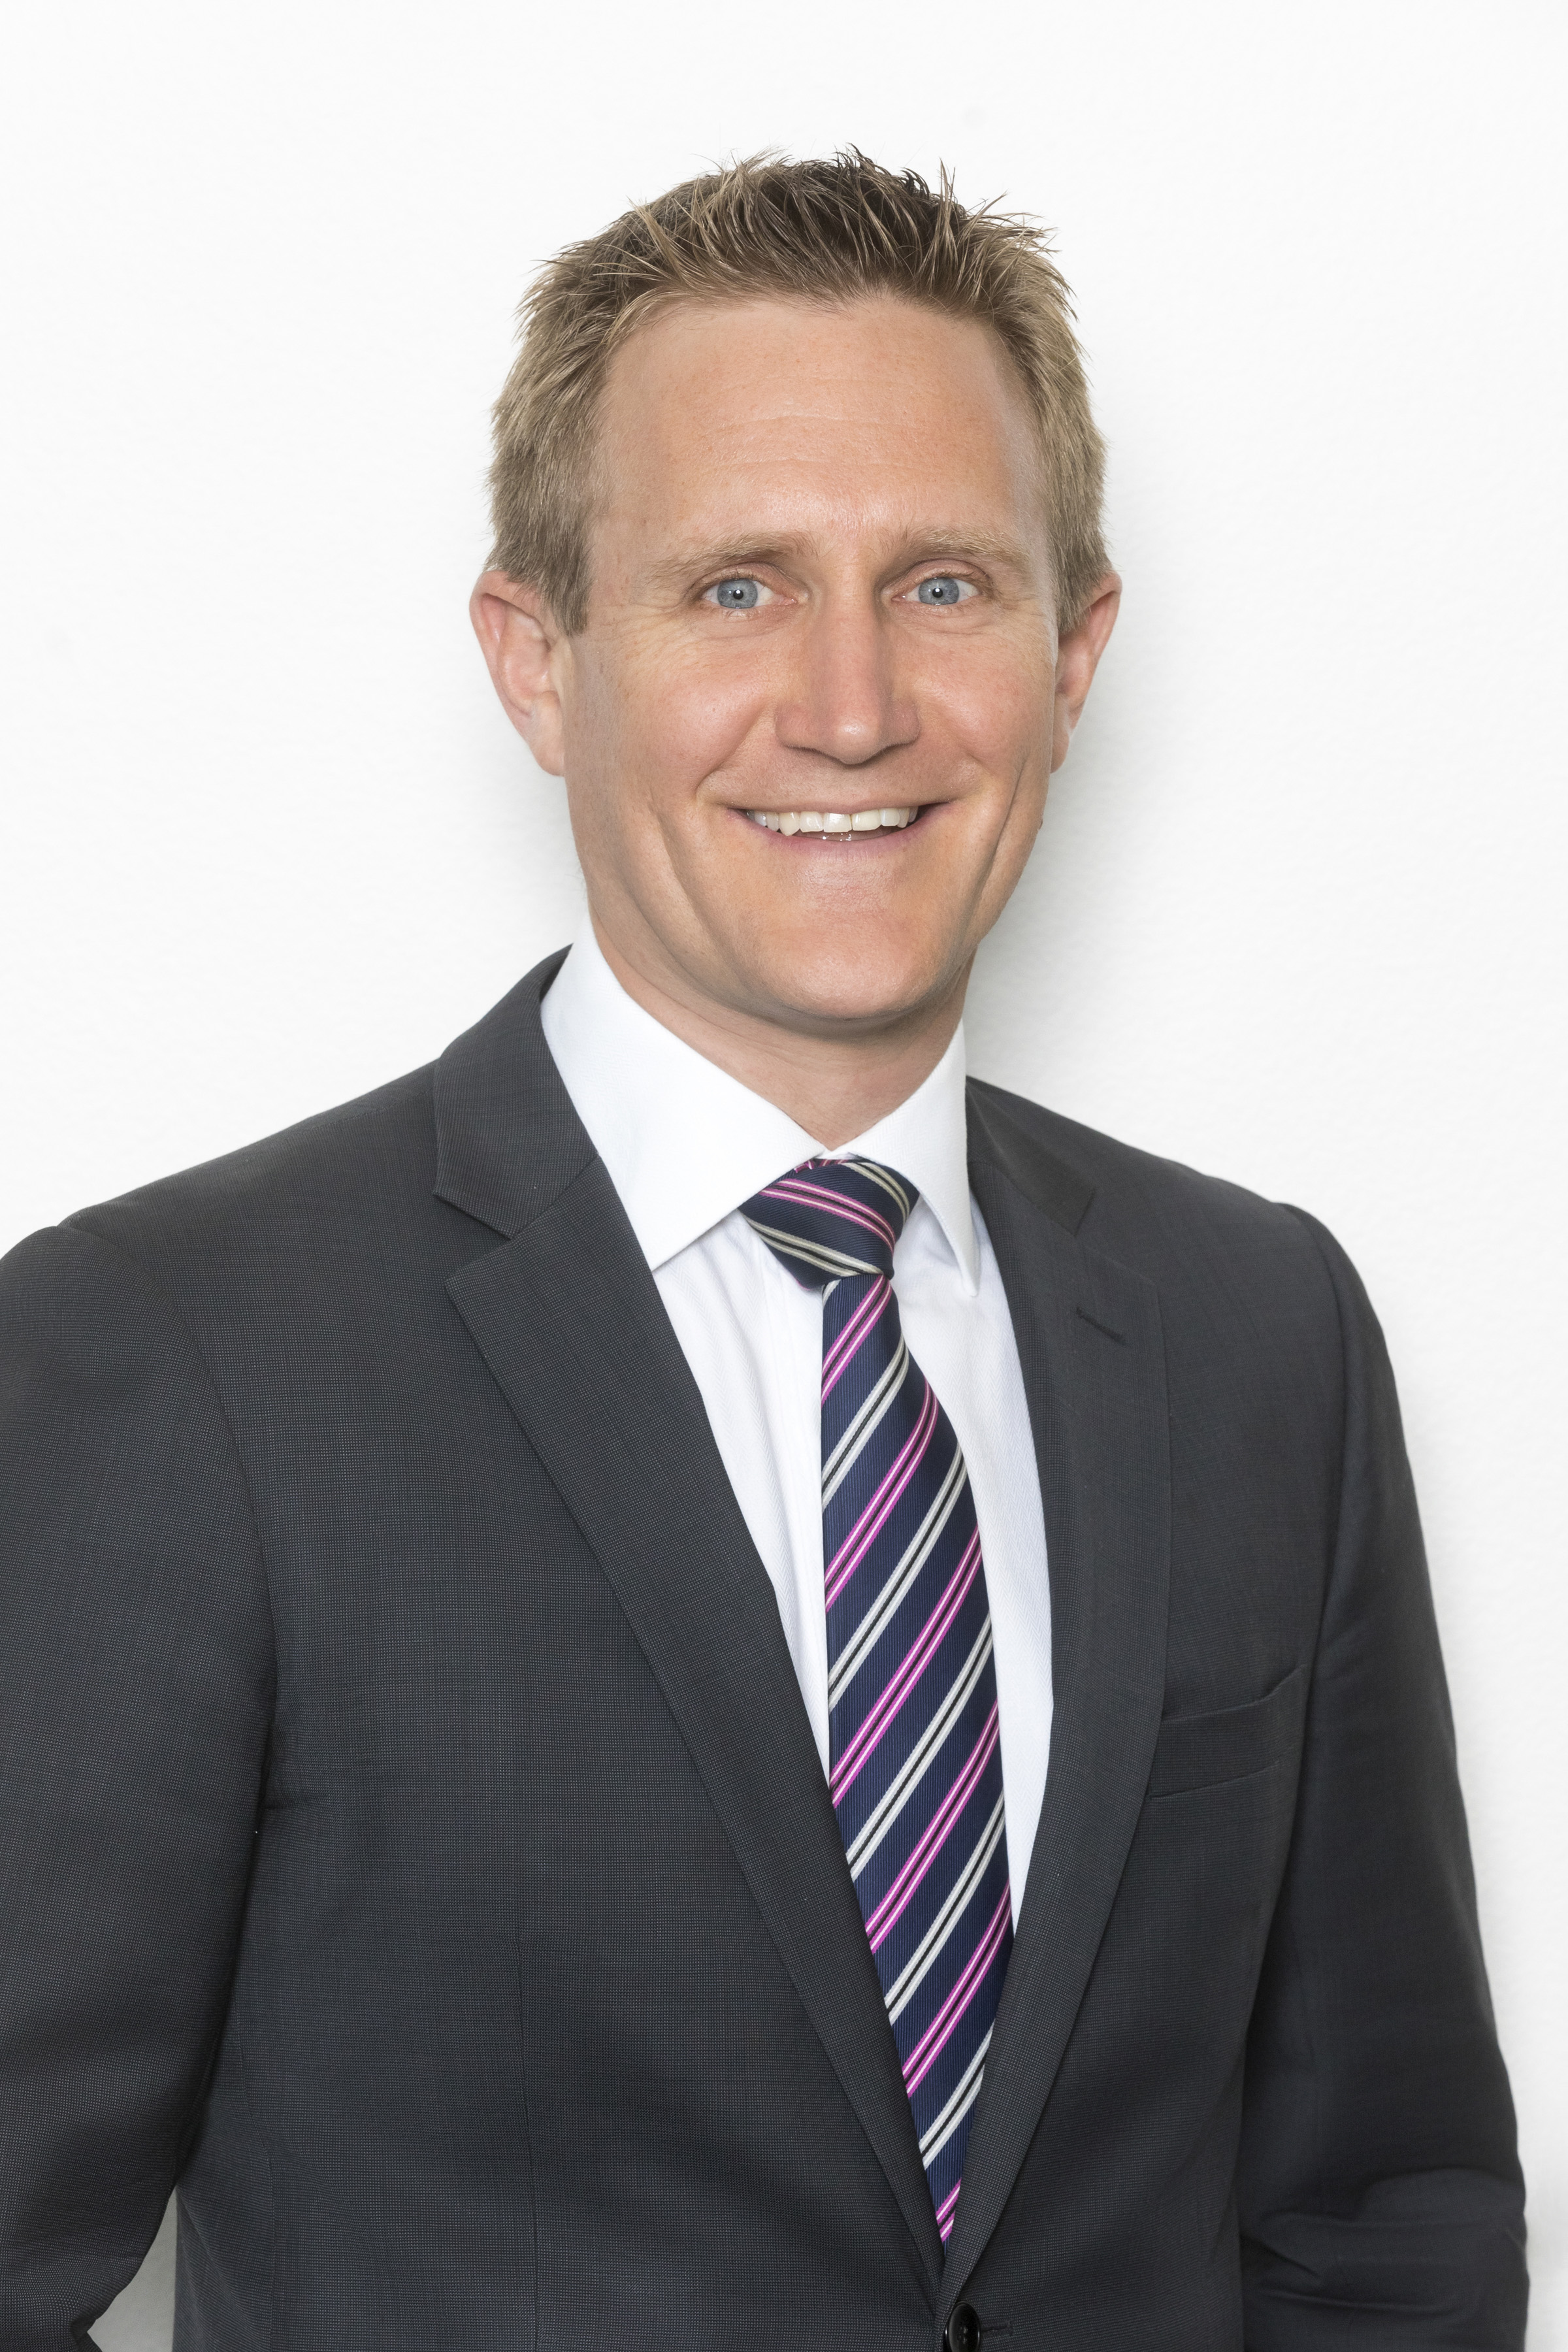 Craig Woolford